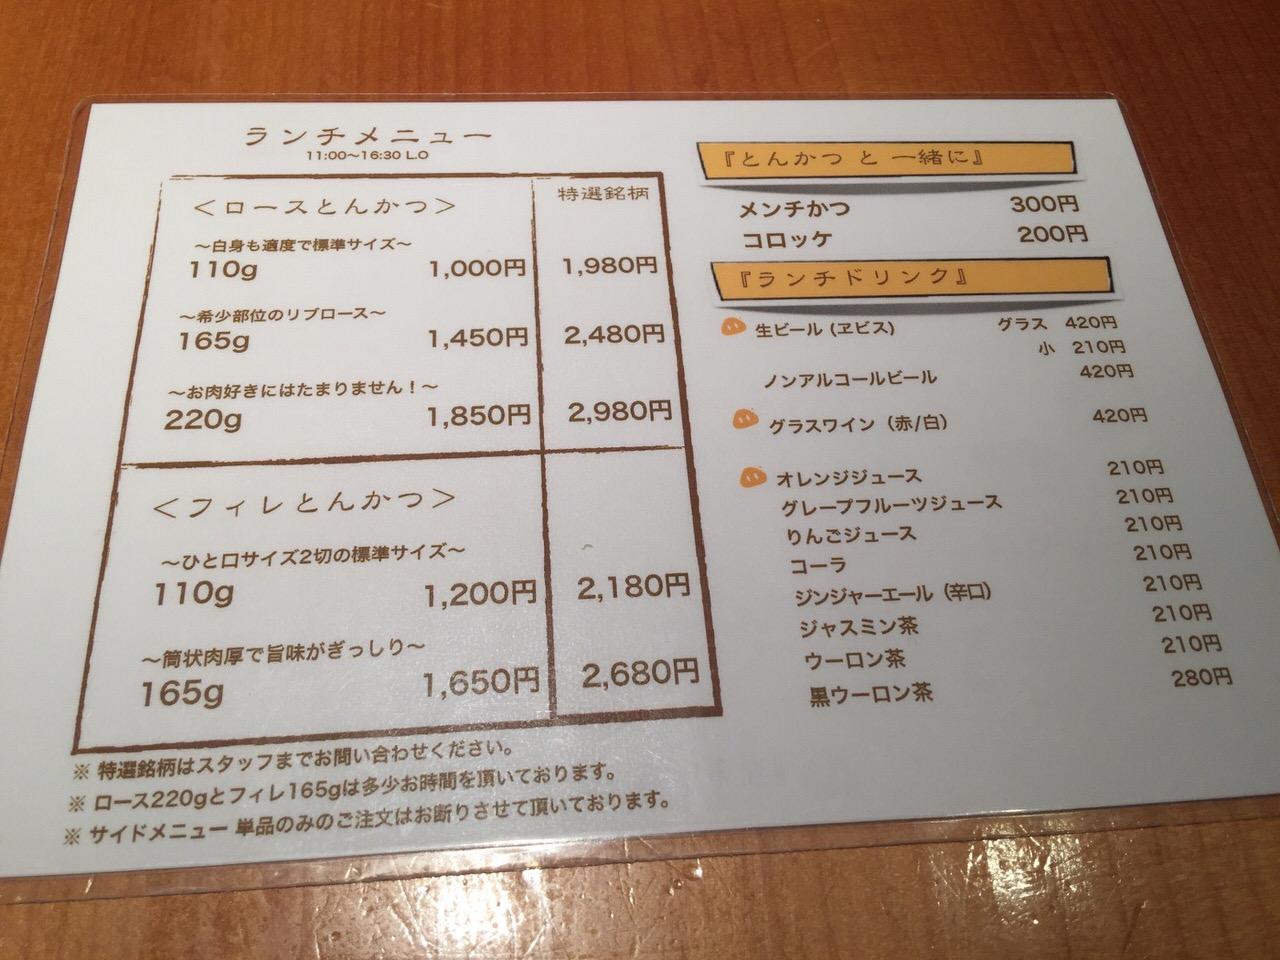 Kyukyoku butagumi 7041